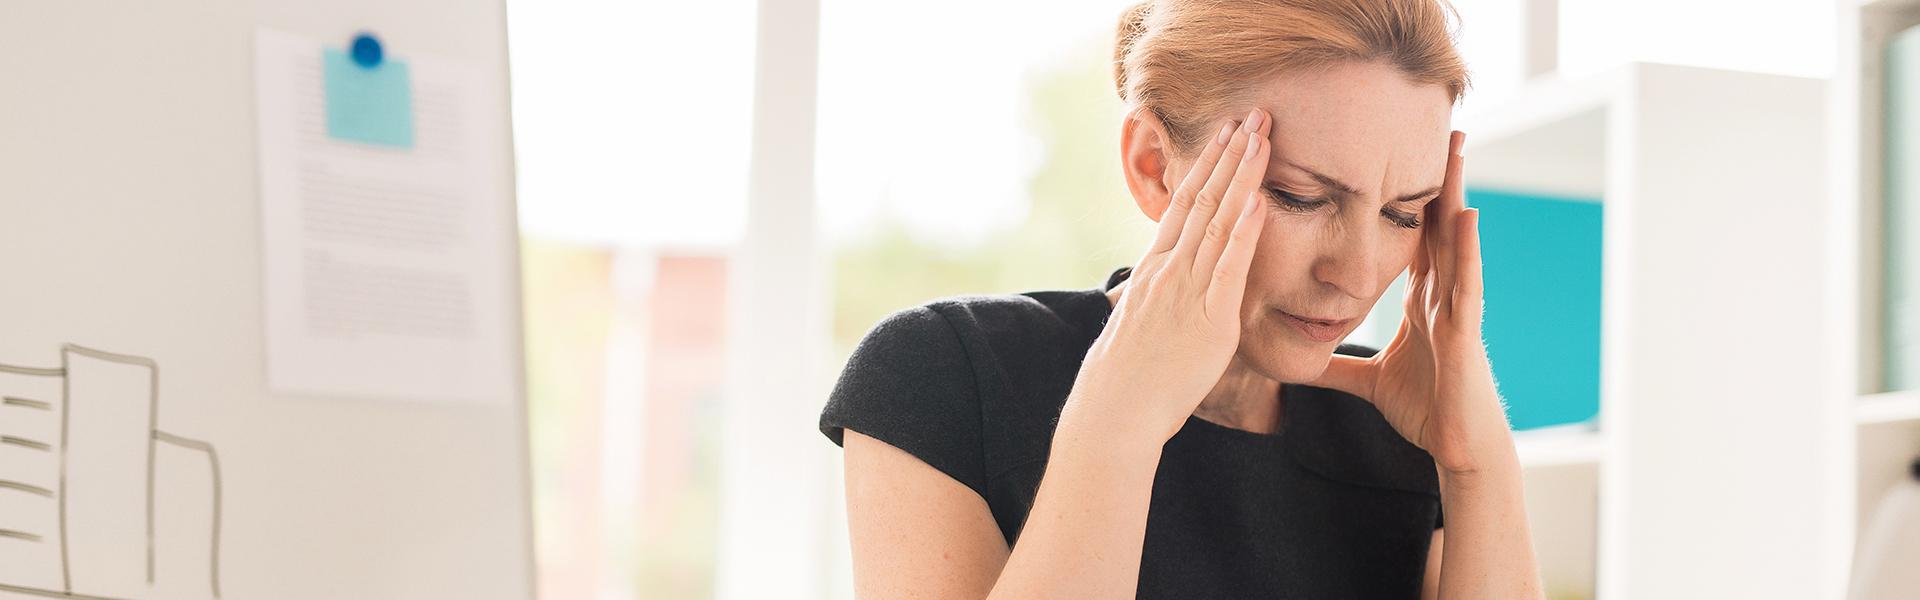 Jak radzić sobie z bólem głowy. Centrum Osteopatii i Rehabilitacji Alternativa